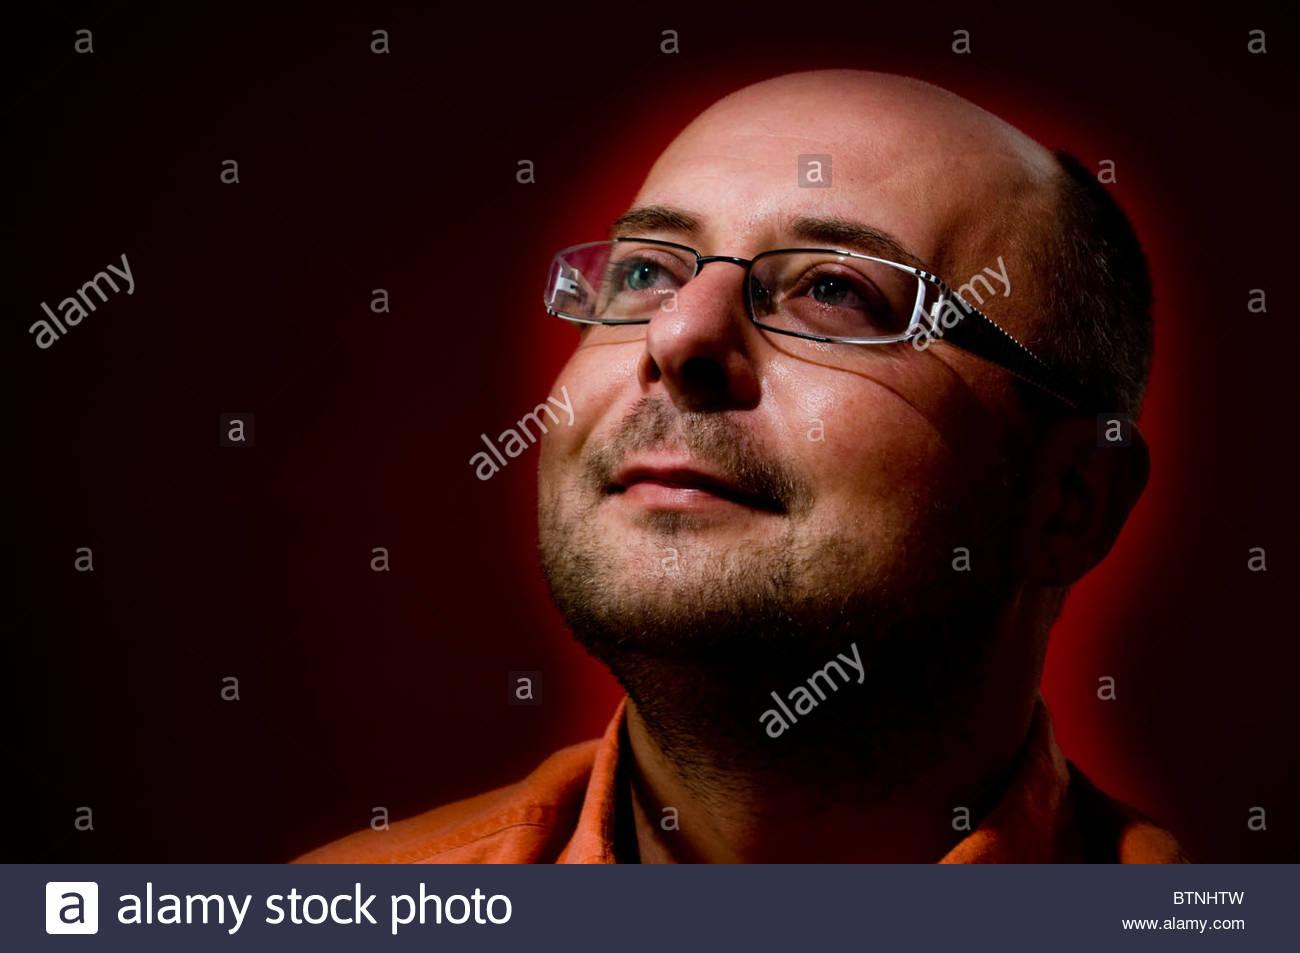 Homme chauve avec des lunettes à une expression optimiste Photo Stock